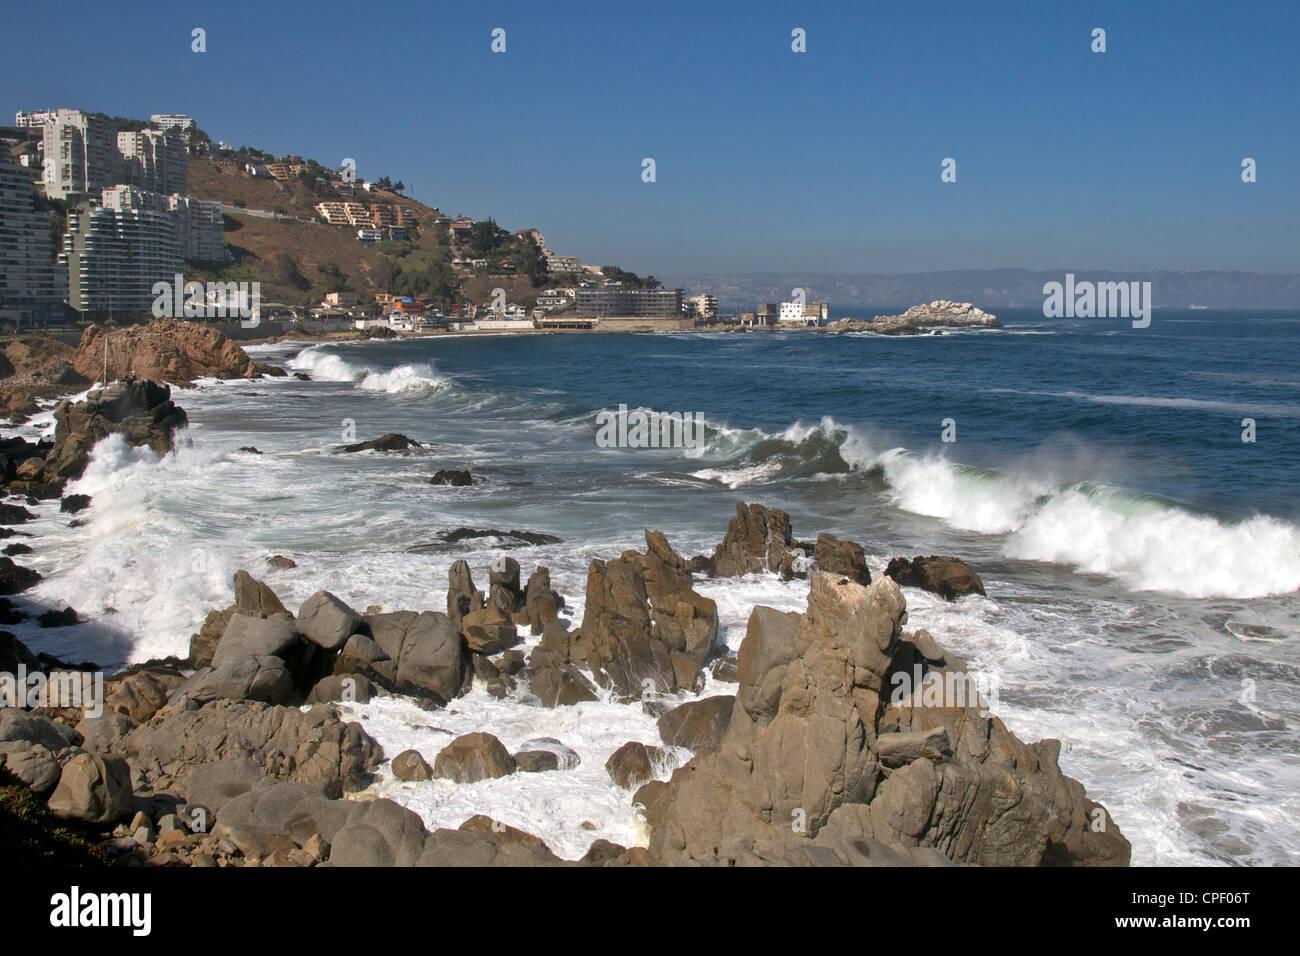 Coastline at Concon Vina del Mar Chile - Stock Image